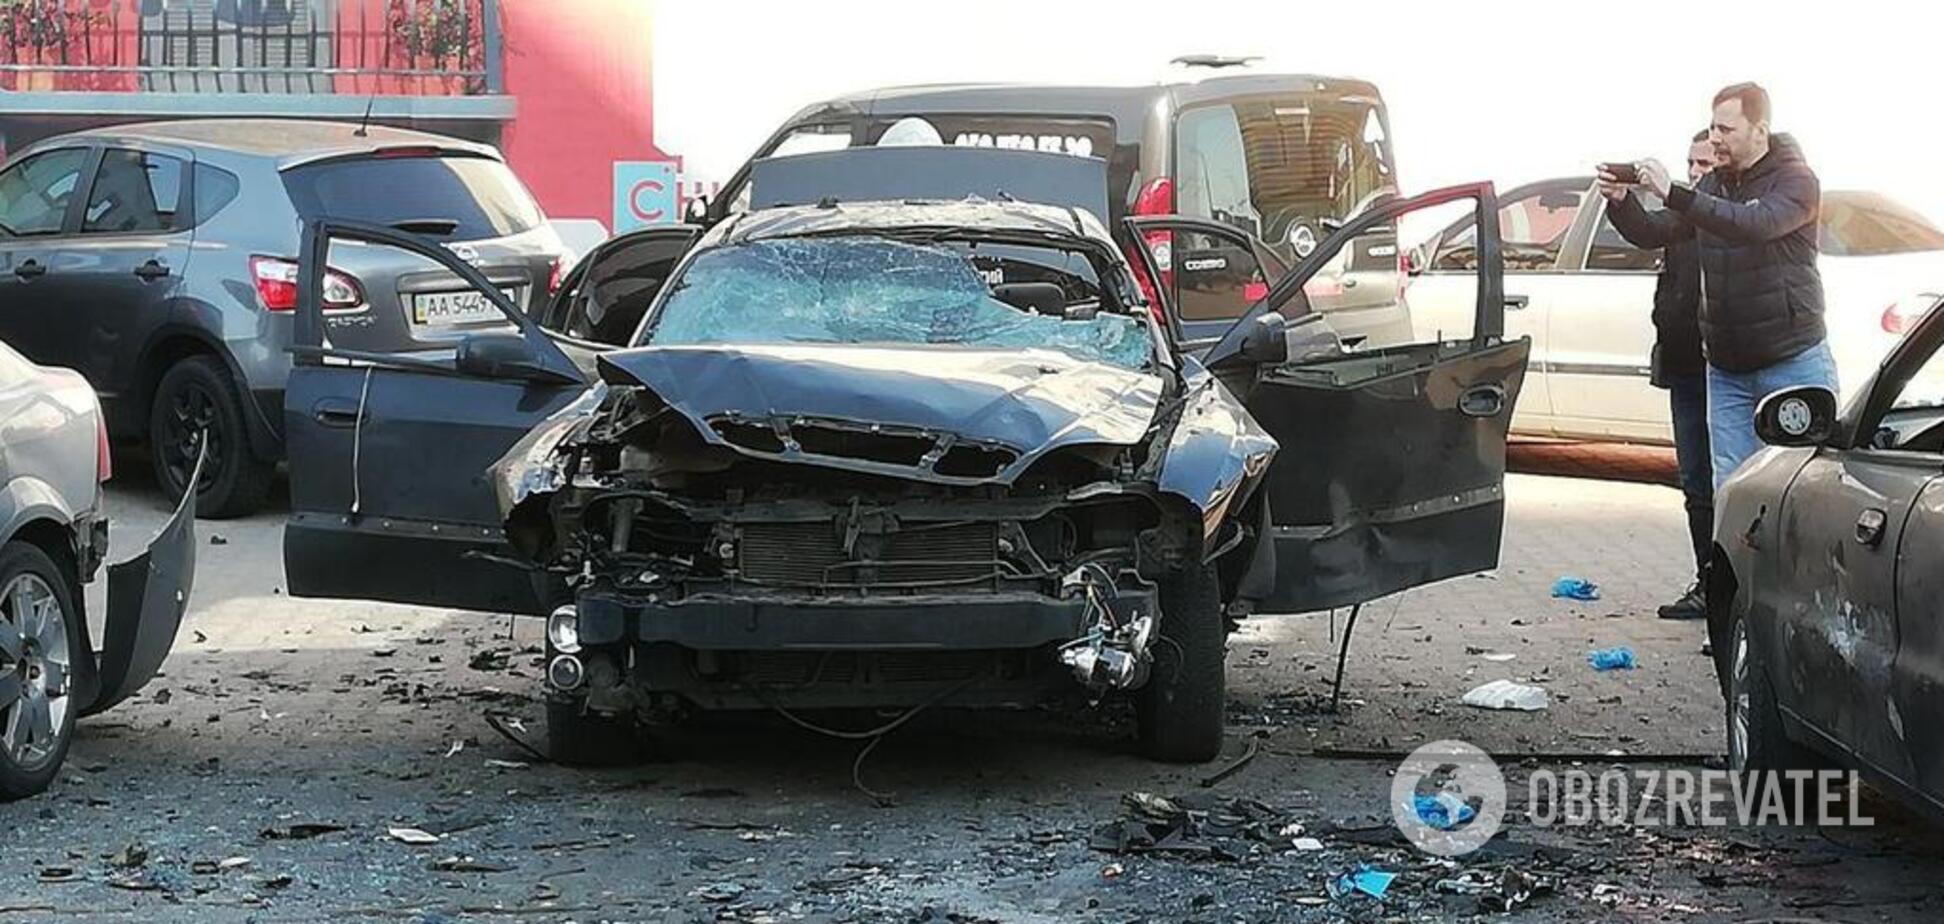 'Фронт проходит и в столице': во взрыве авто разведчика в Киеве нашли 'российский след'